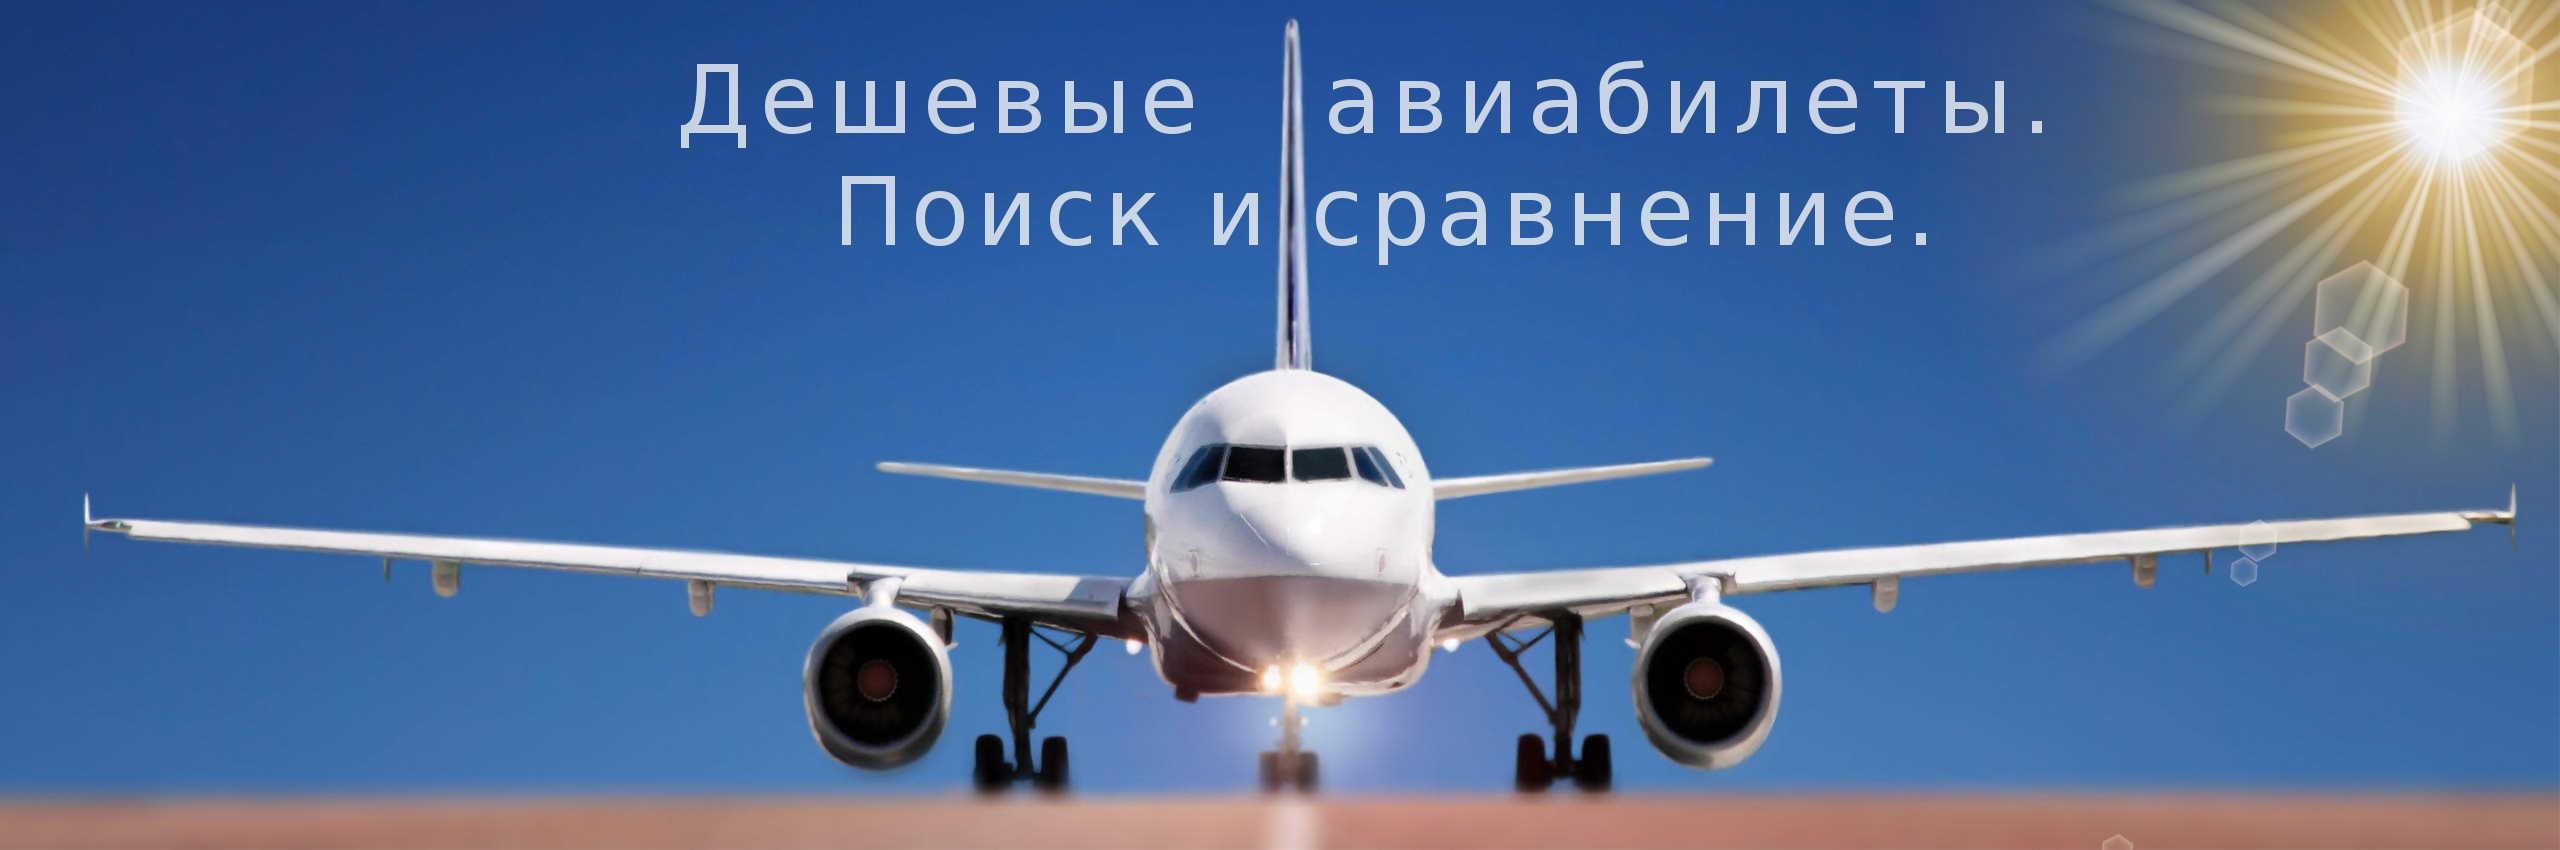 Дешевые авиабилеты. Поиск и сравнение. онлайн